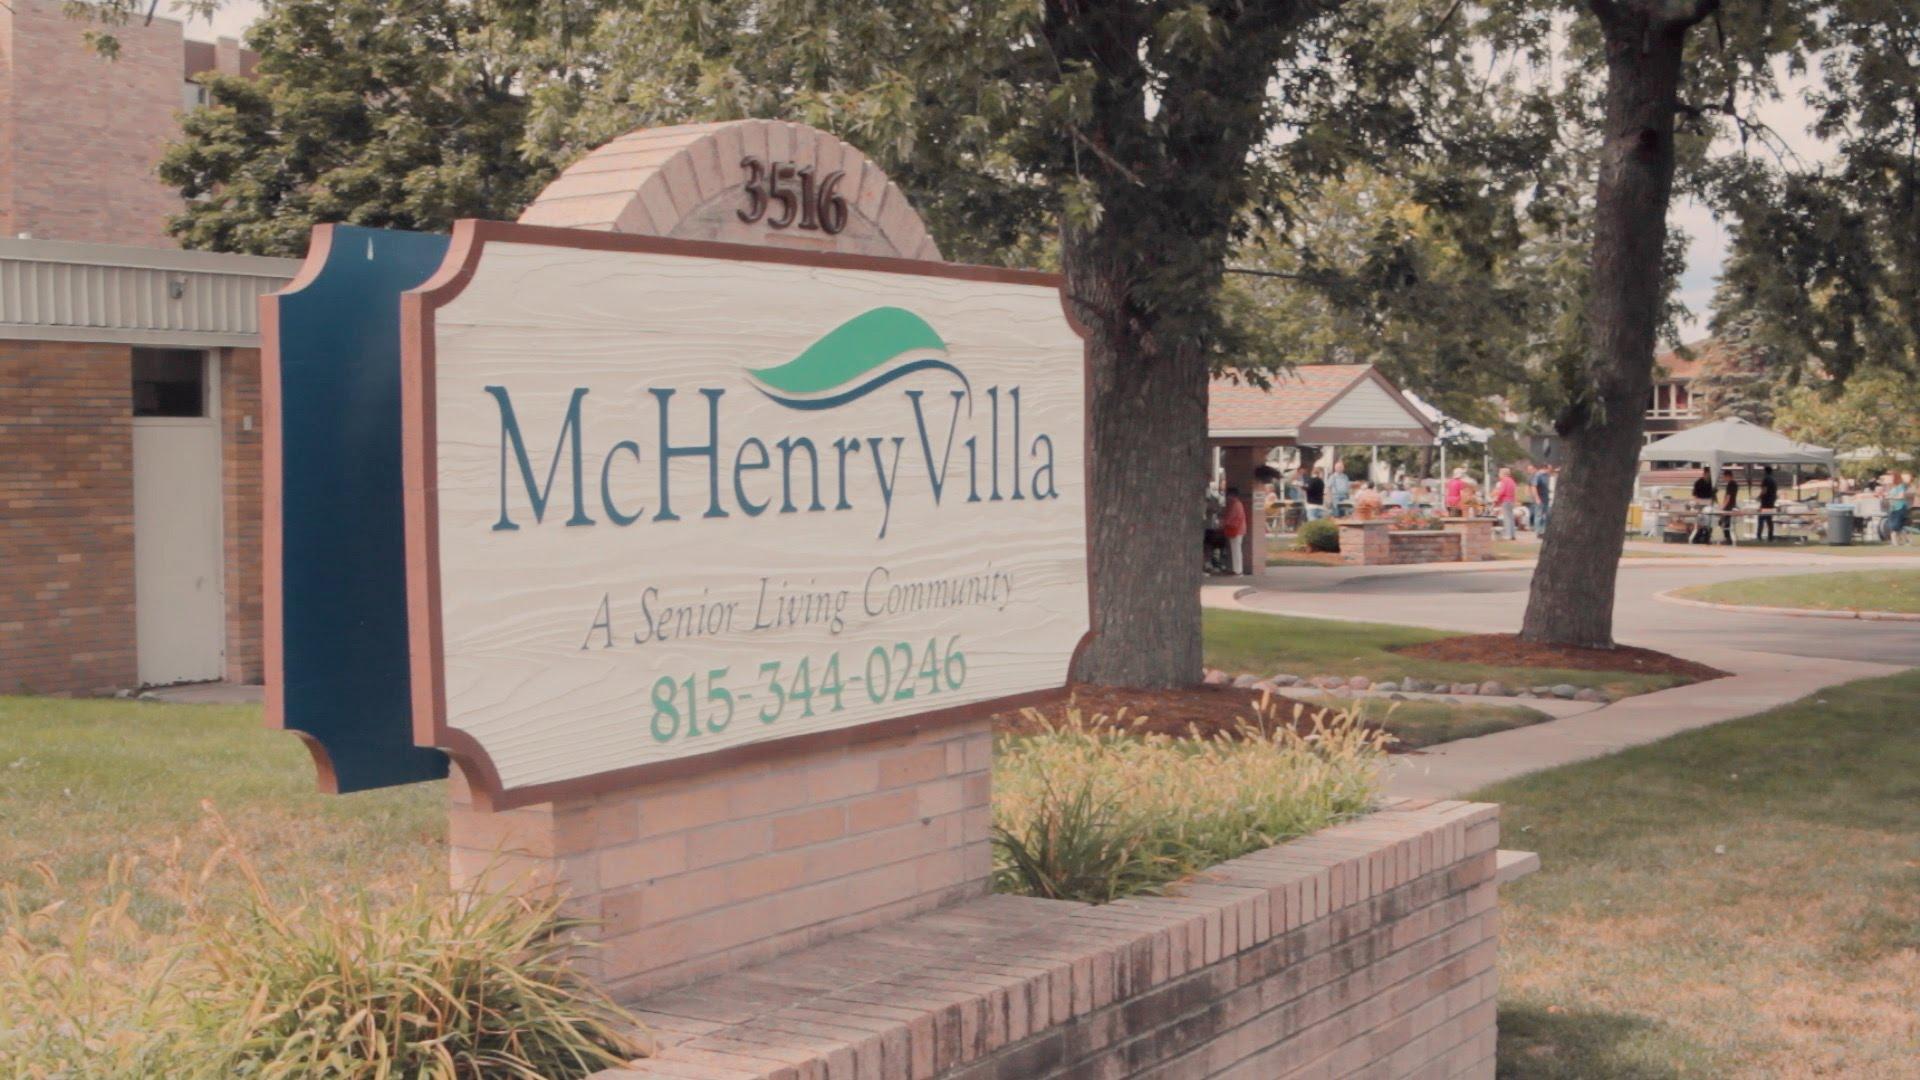 McHenry Villa, Warren Barr report Legionnaires